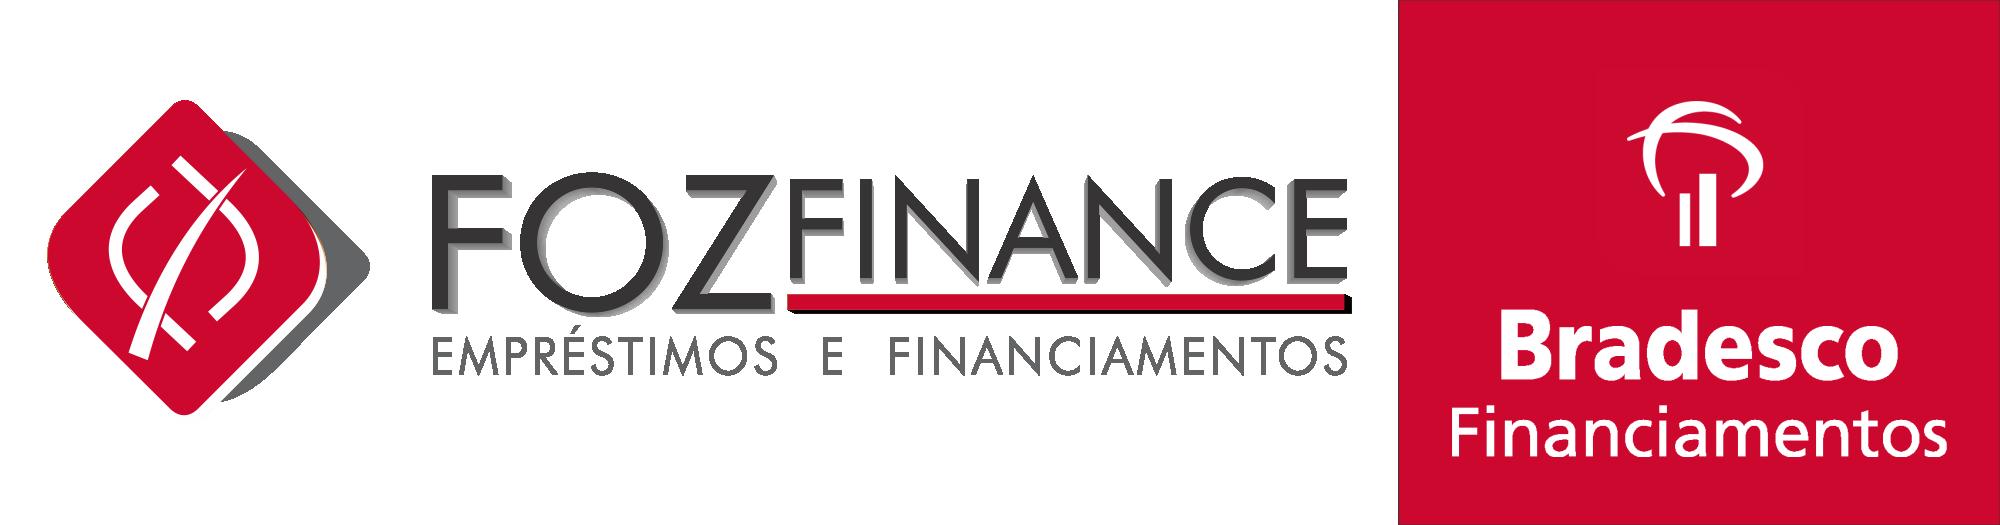 FozFinance